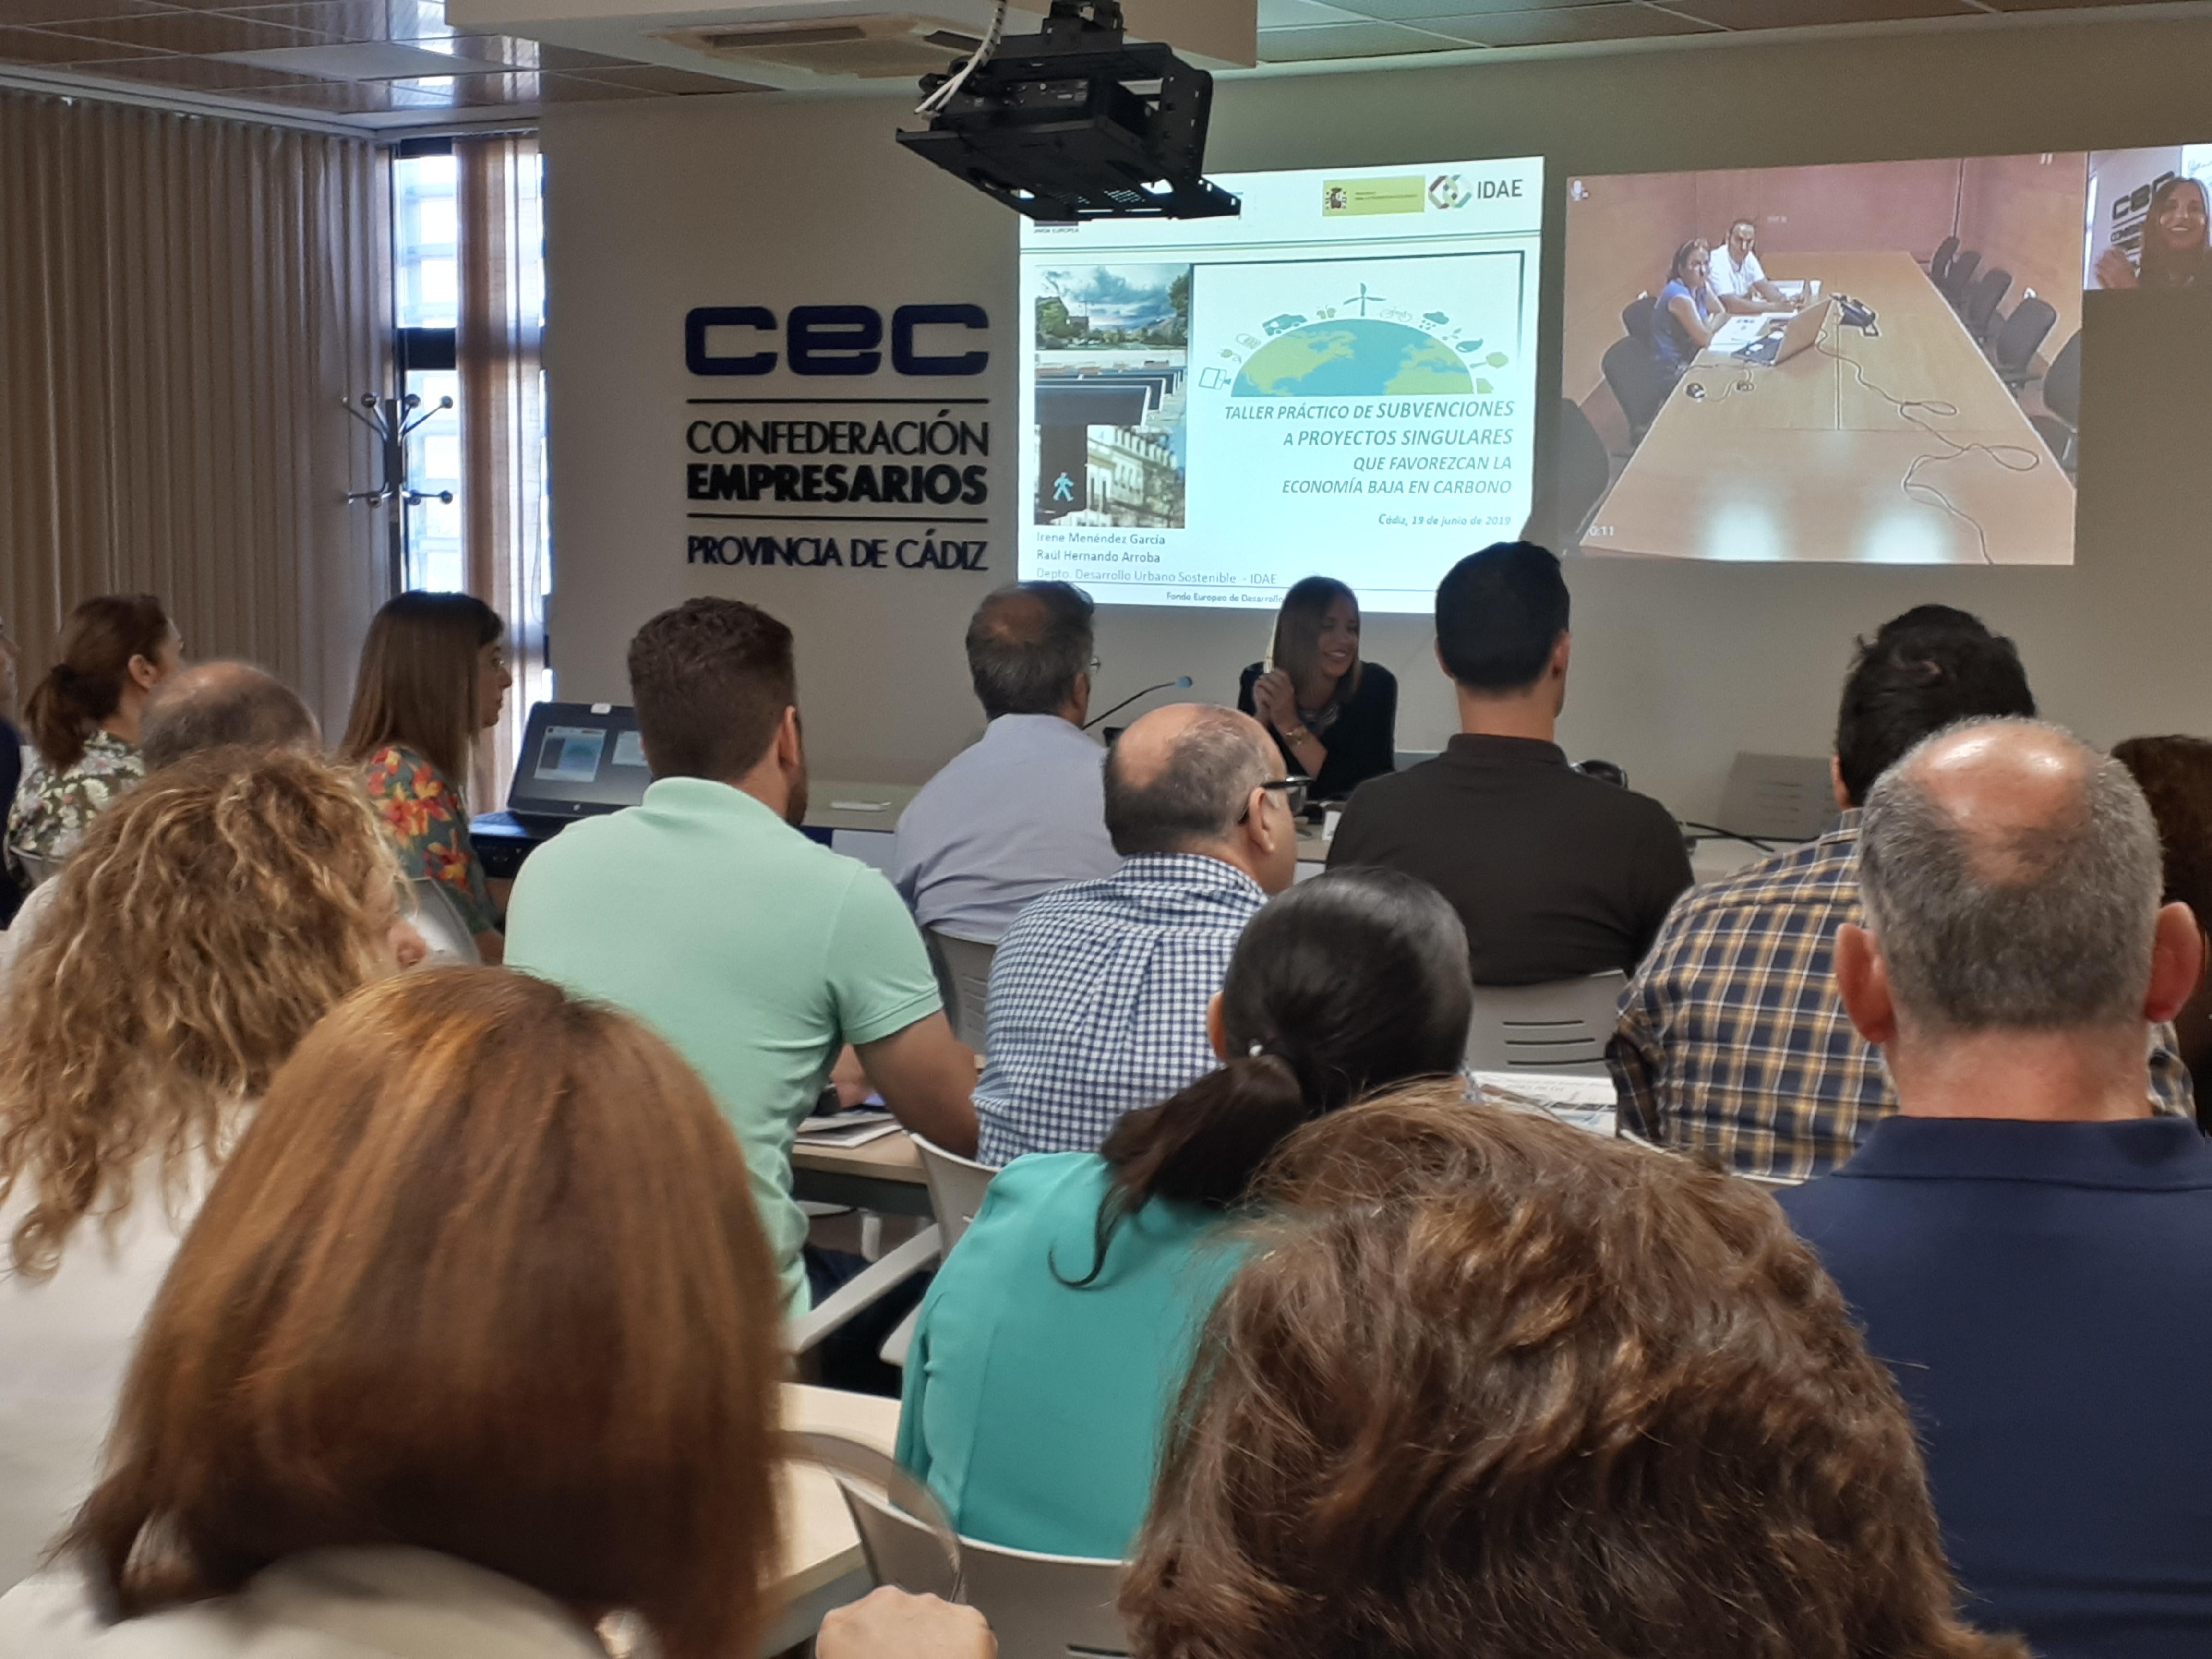 Intervención mediante videoconferencia de Irene Menéndez García yRaúl Hernando (IDAE)